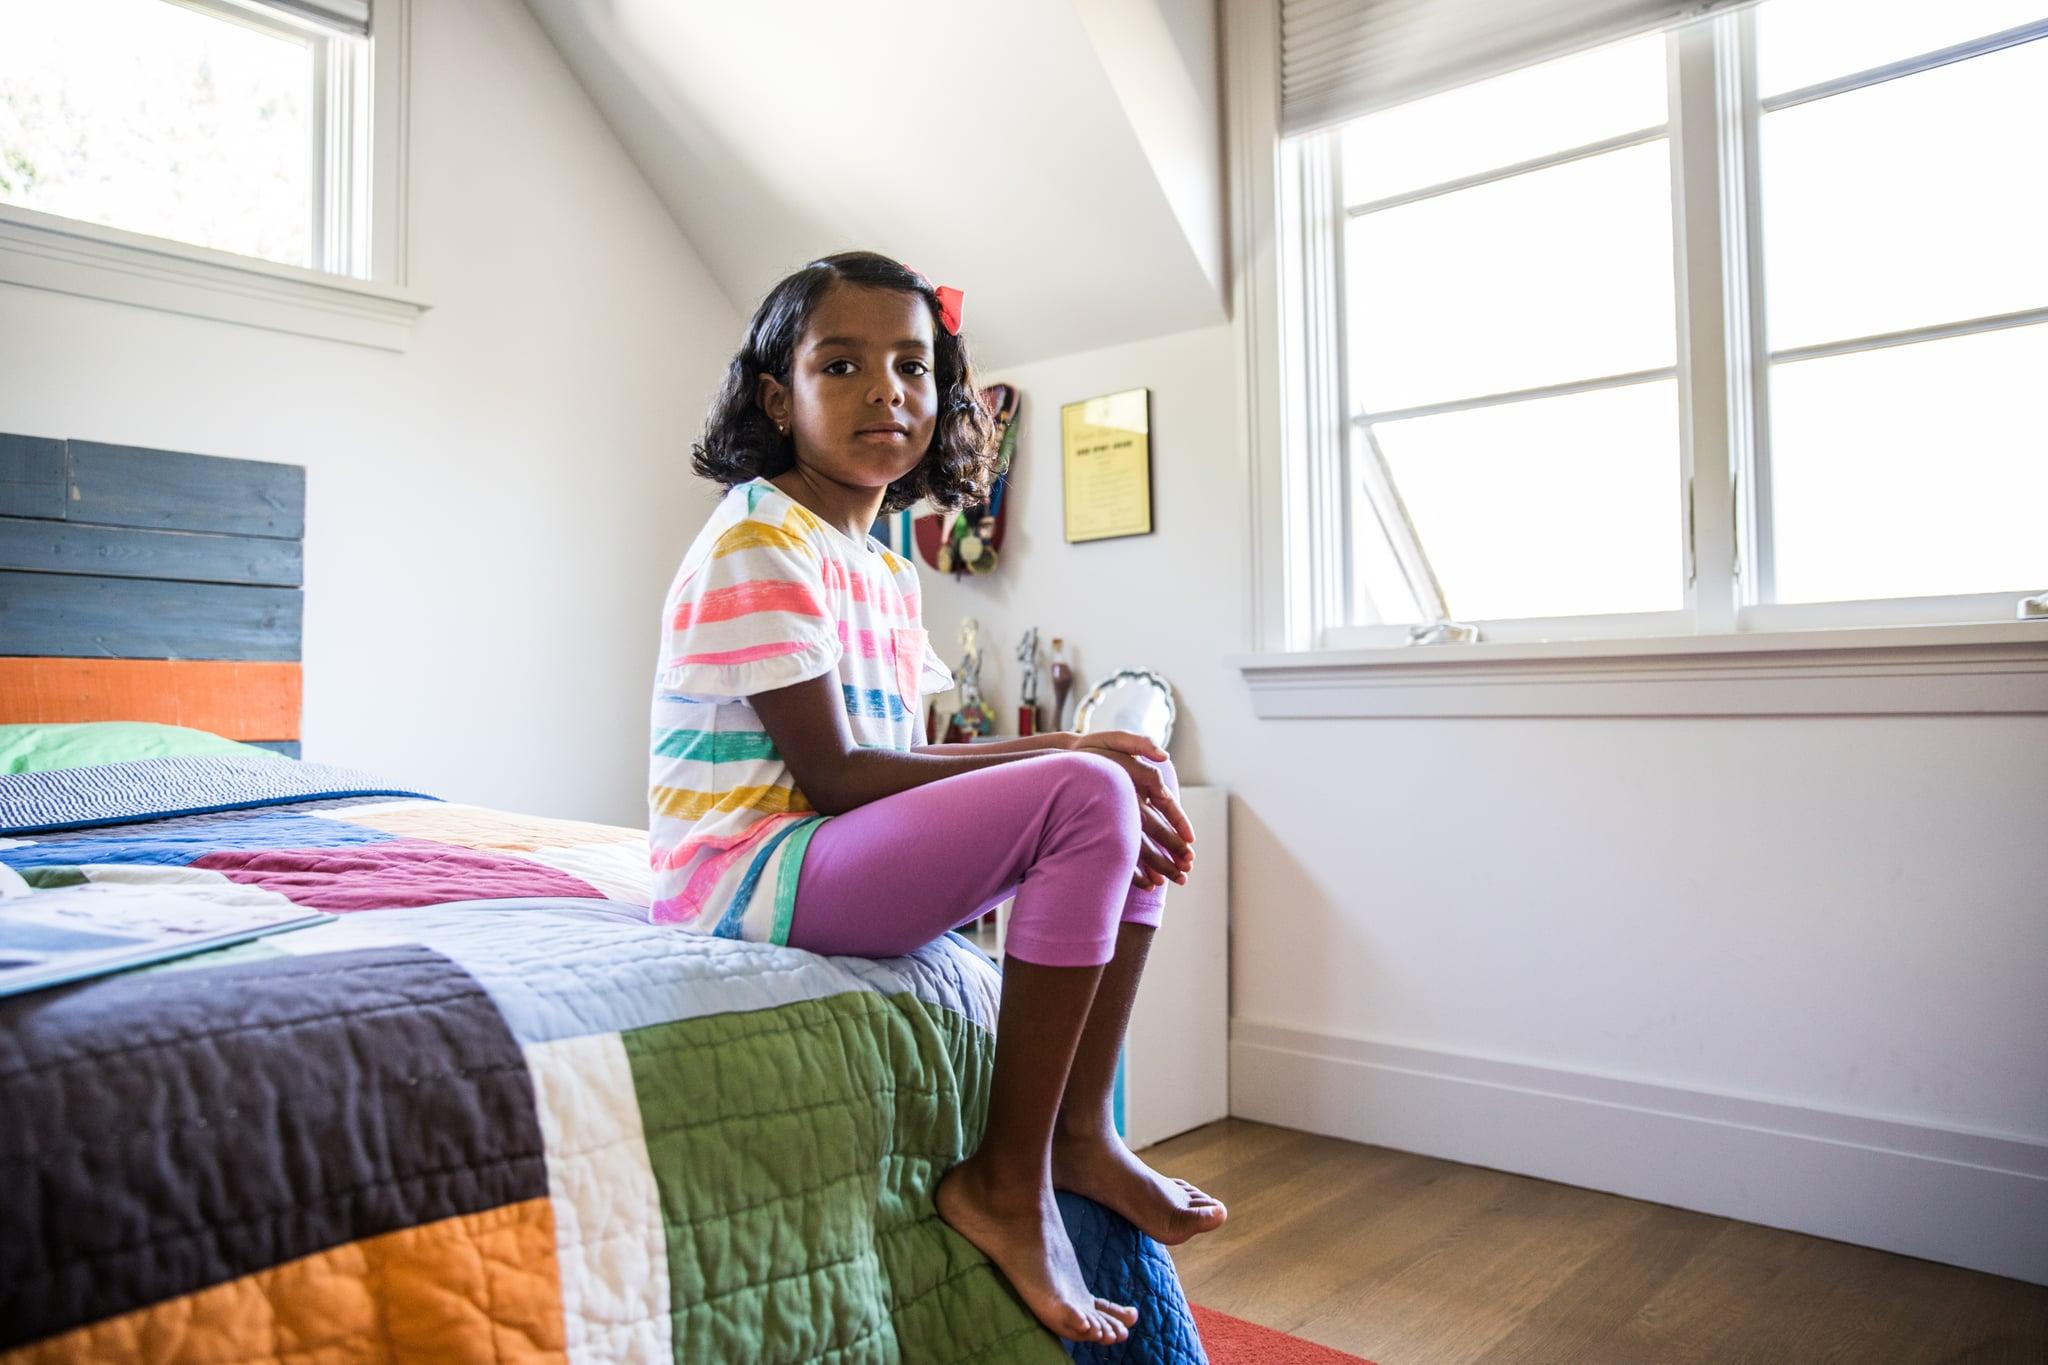 Girl sitting alone in her bedroom